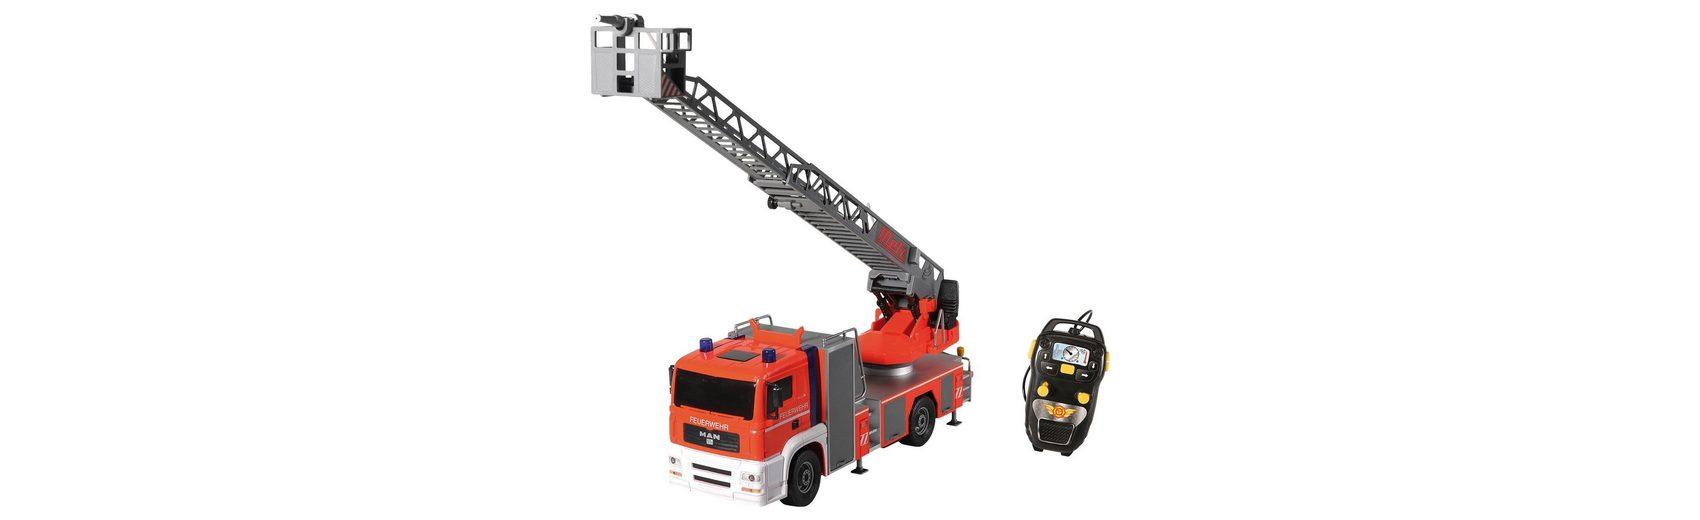 myToys Feuerwehrauto 50 cm, mit Licht, Sound und elektr. Wasserspri